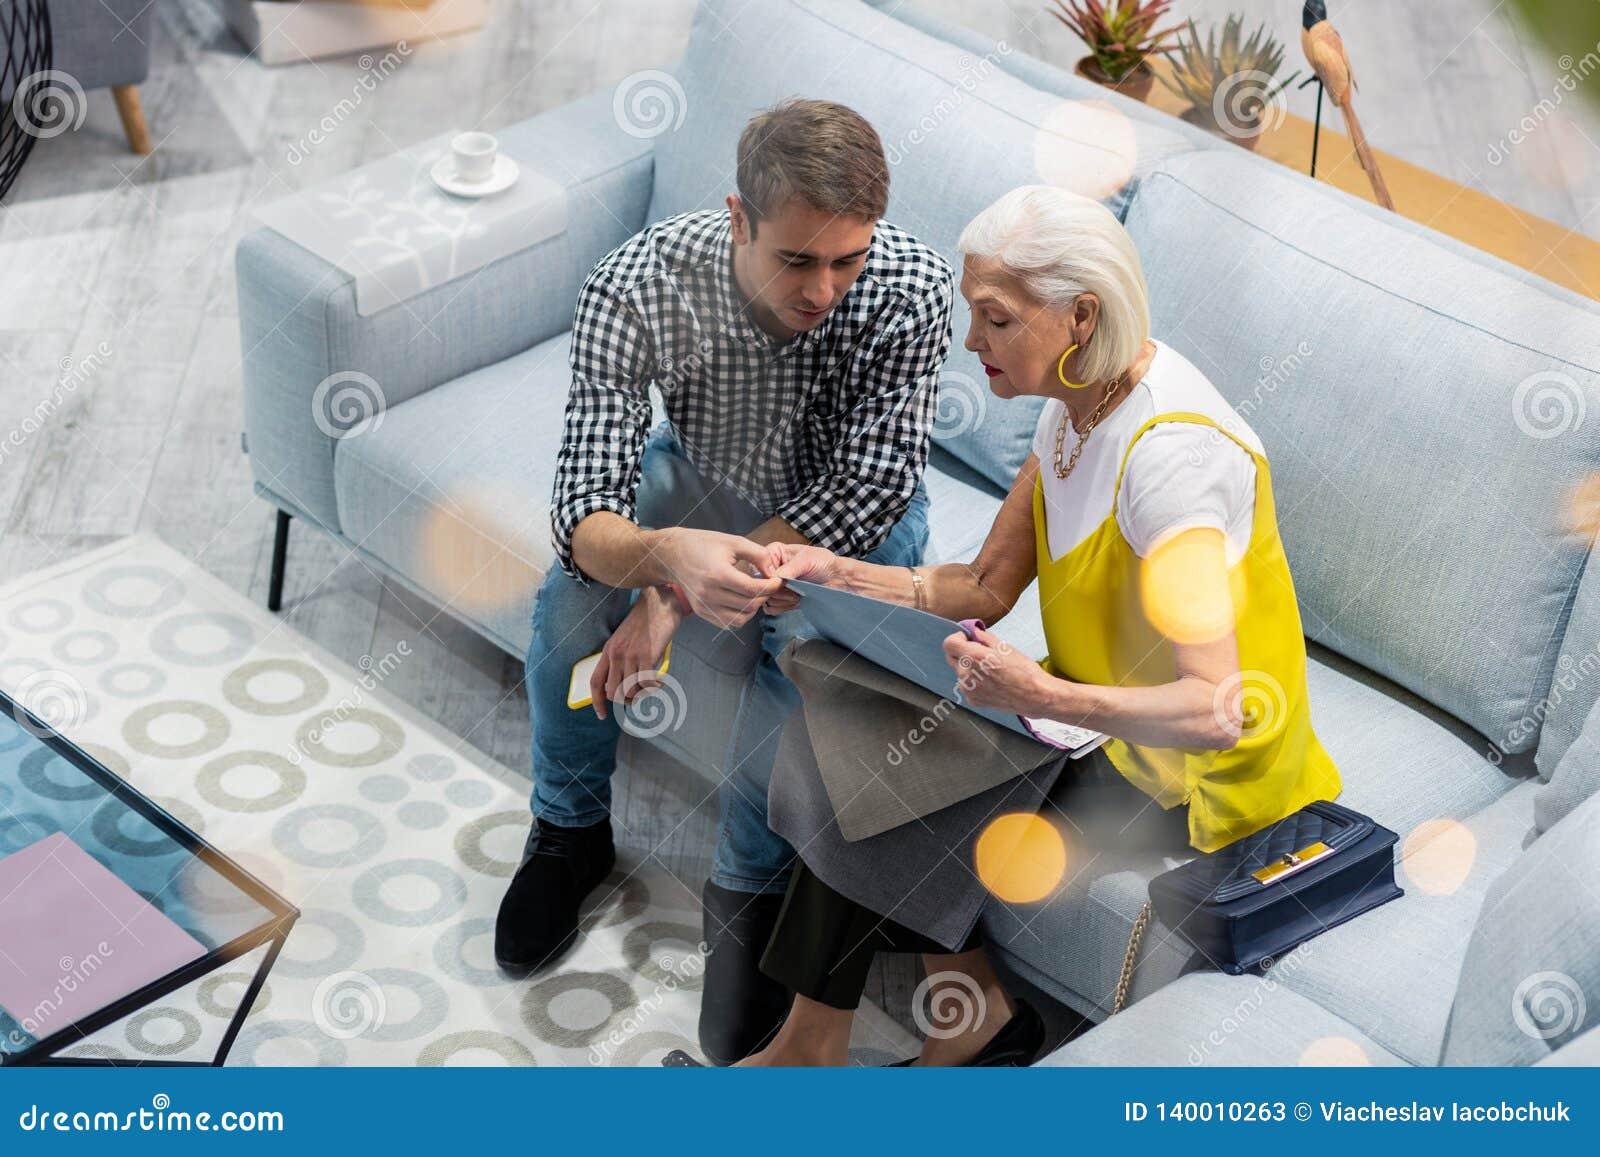 Blauw-gespoeld mevrouw die gesprek met zoon hebben die laag het textiel selecteren overeenstemmen